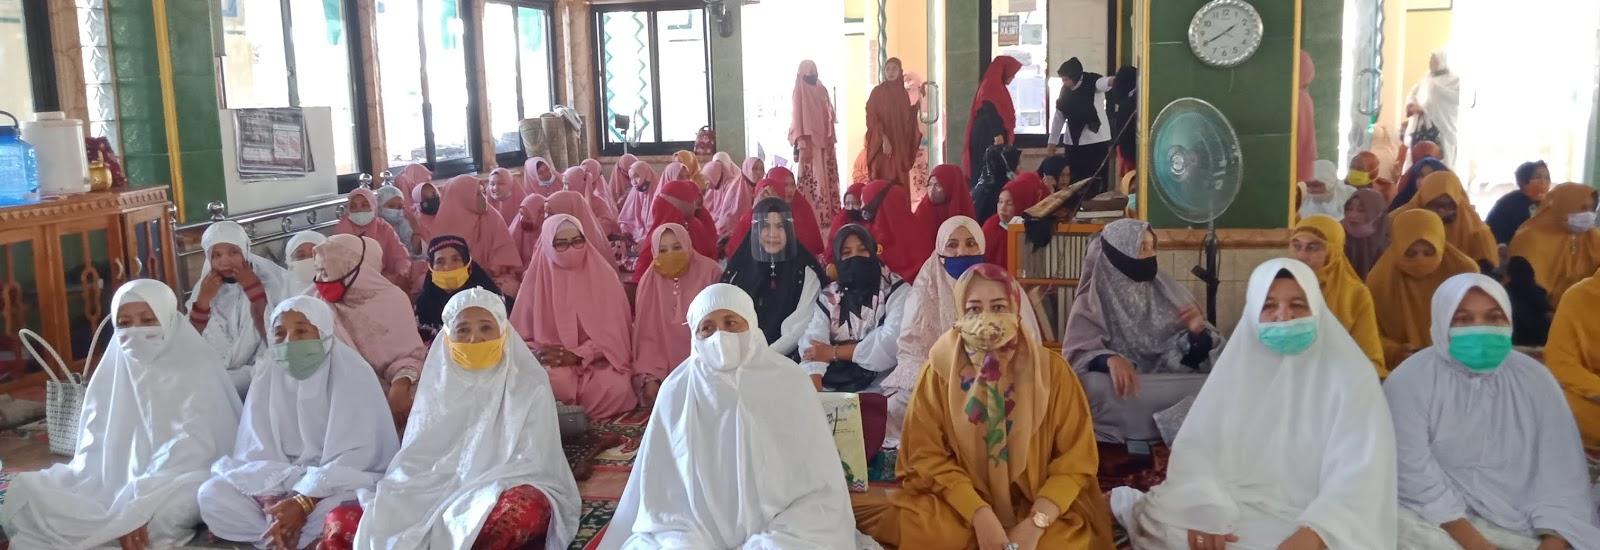 Majelis Dzikir Raodhatul Jannah Kabupaten Soppeng Road Show di Mesjid Nurul Falah Desa Patampanua yang Dihadiri Kabad Kesra